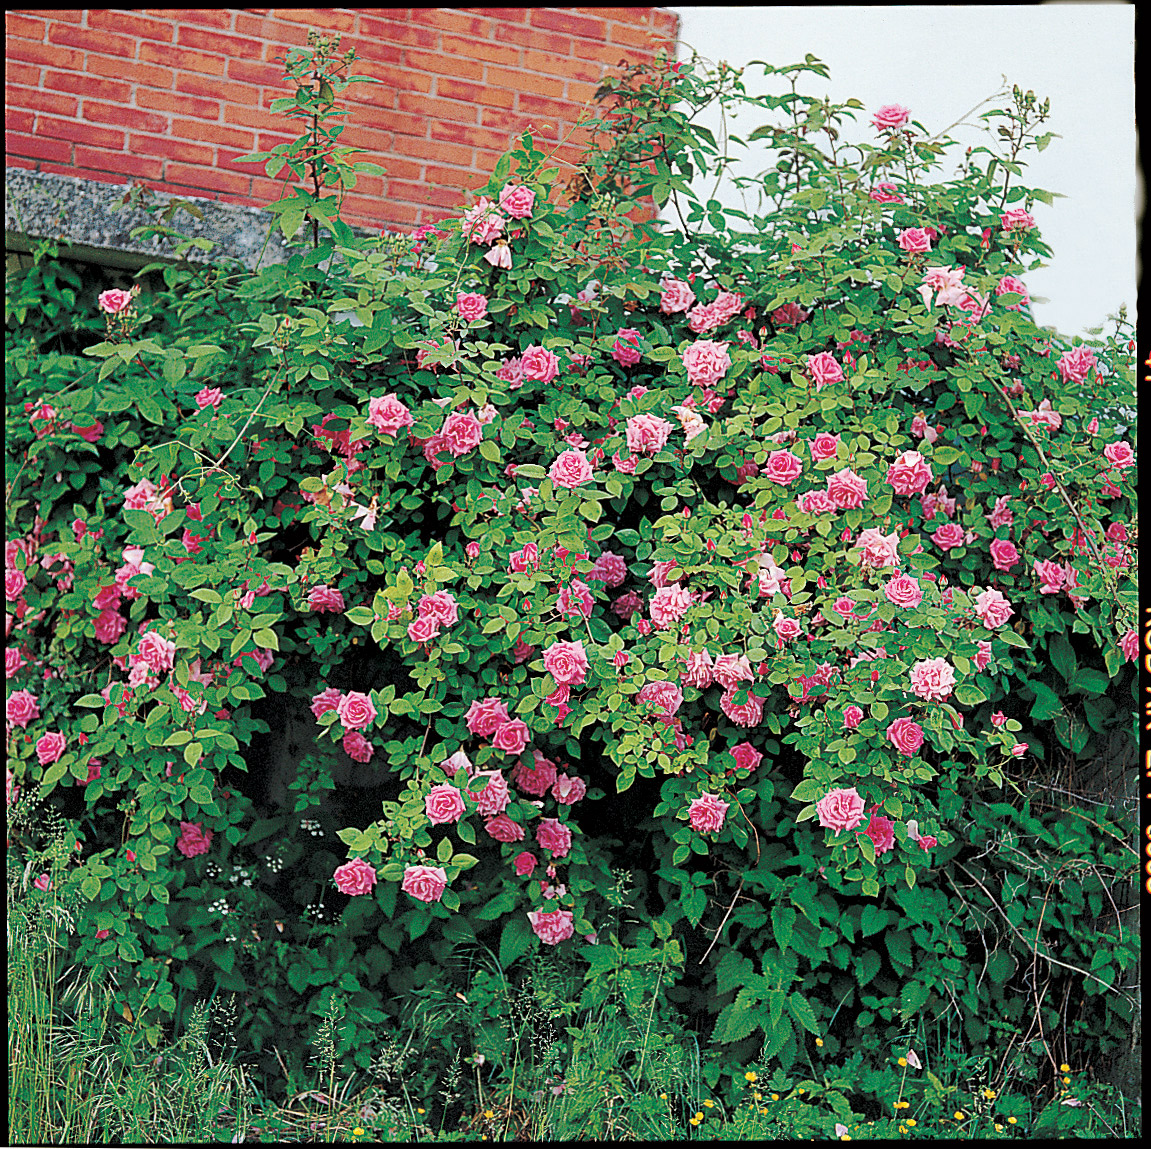 Rosier sans pine d finition et exemples roses guillot - Rosier grimpant sans epine ...